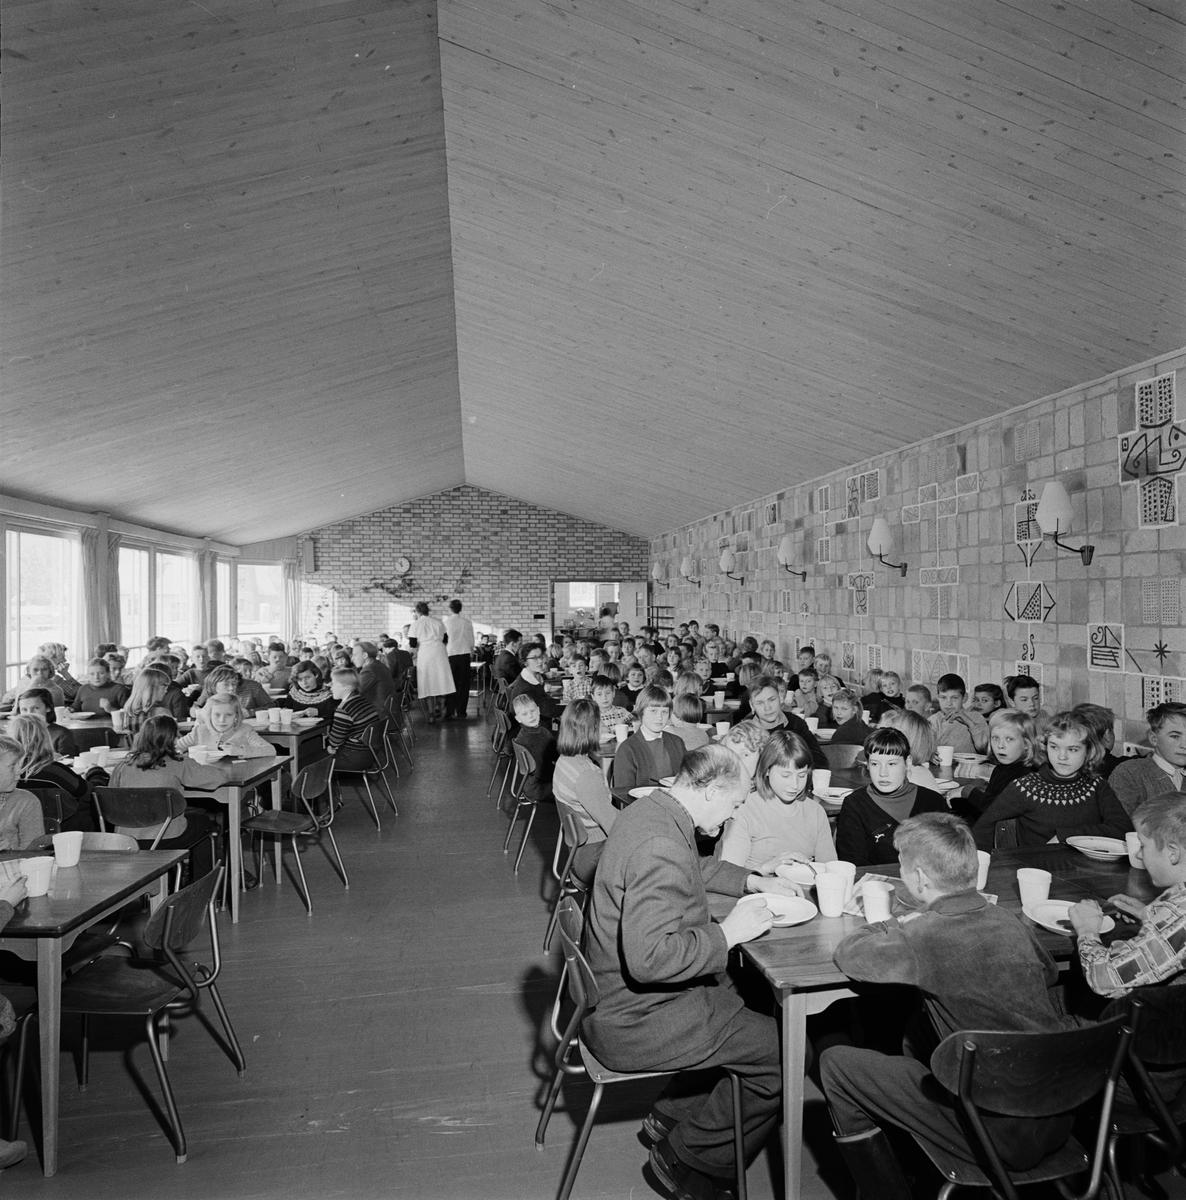 Skolmatsalen i Knivsta Centralskola, Uppland november 1956